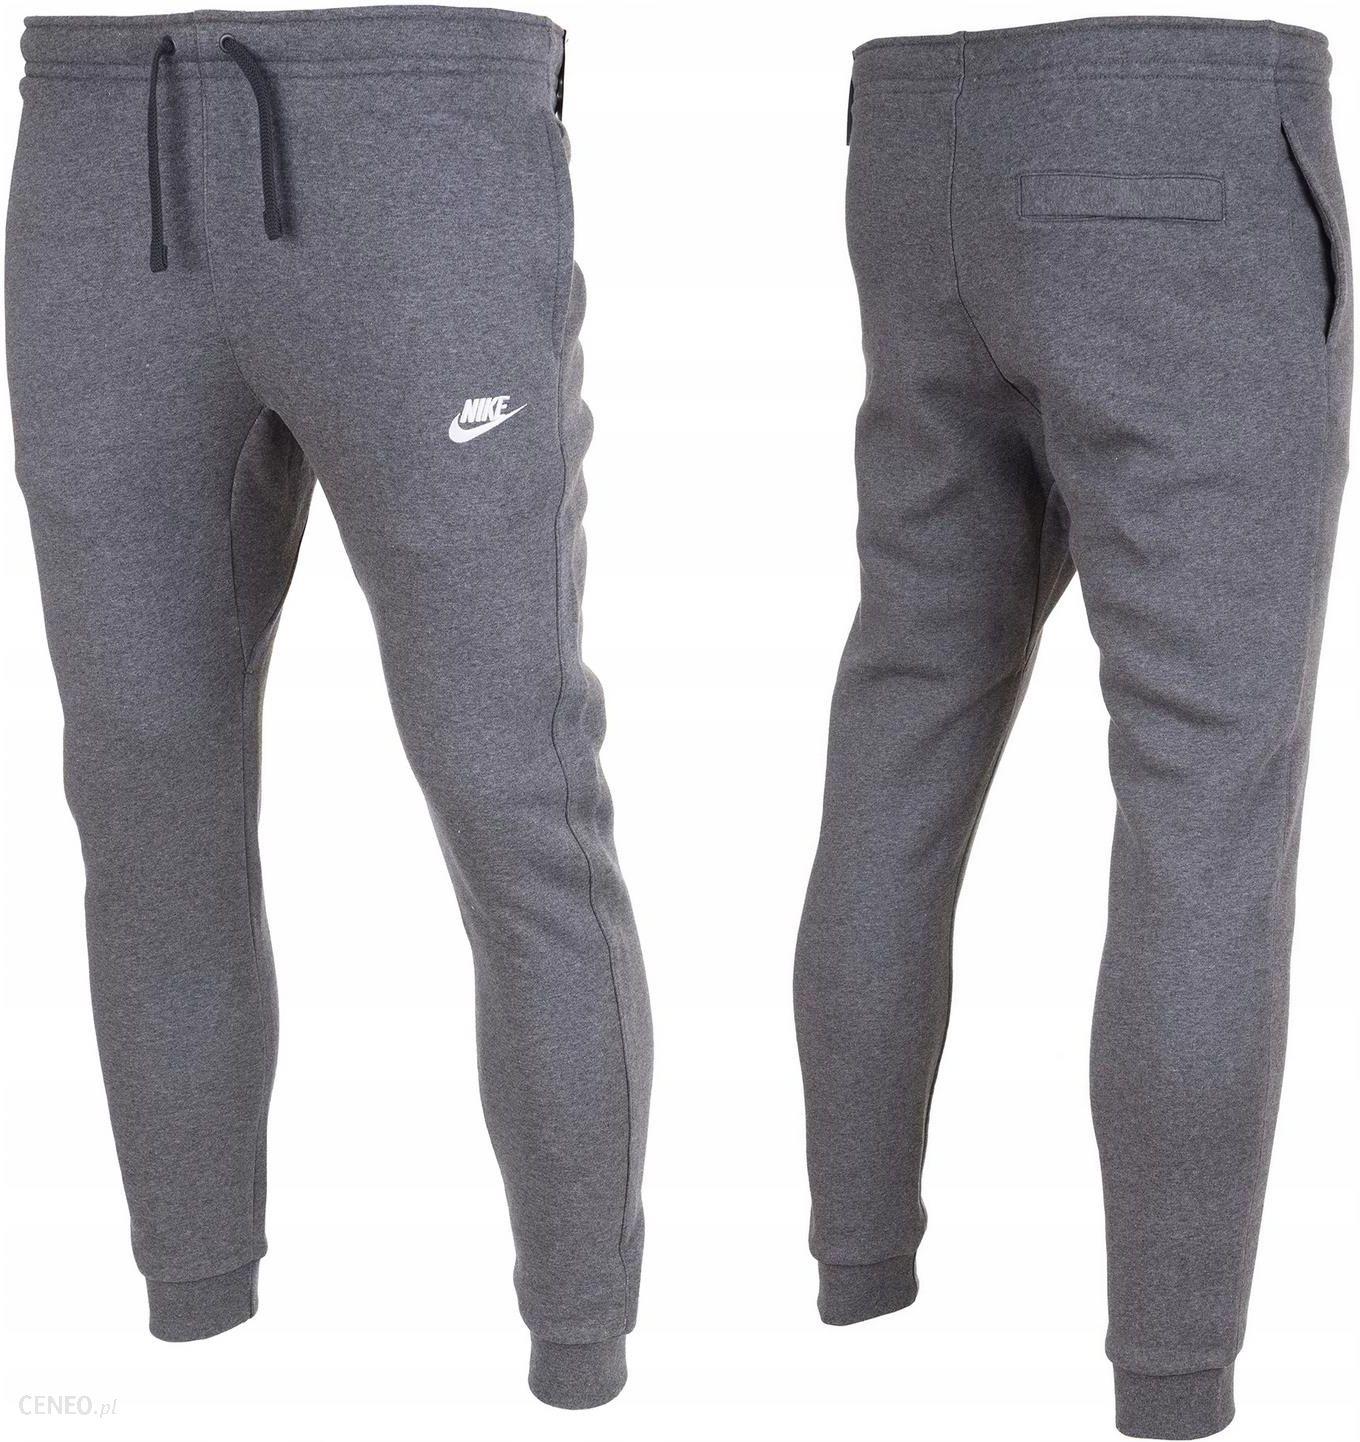 Nike spodnie dresowe dresy bawełniane męskie roz S Ceny i opinie Ceneo.pl